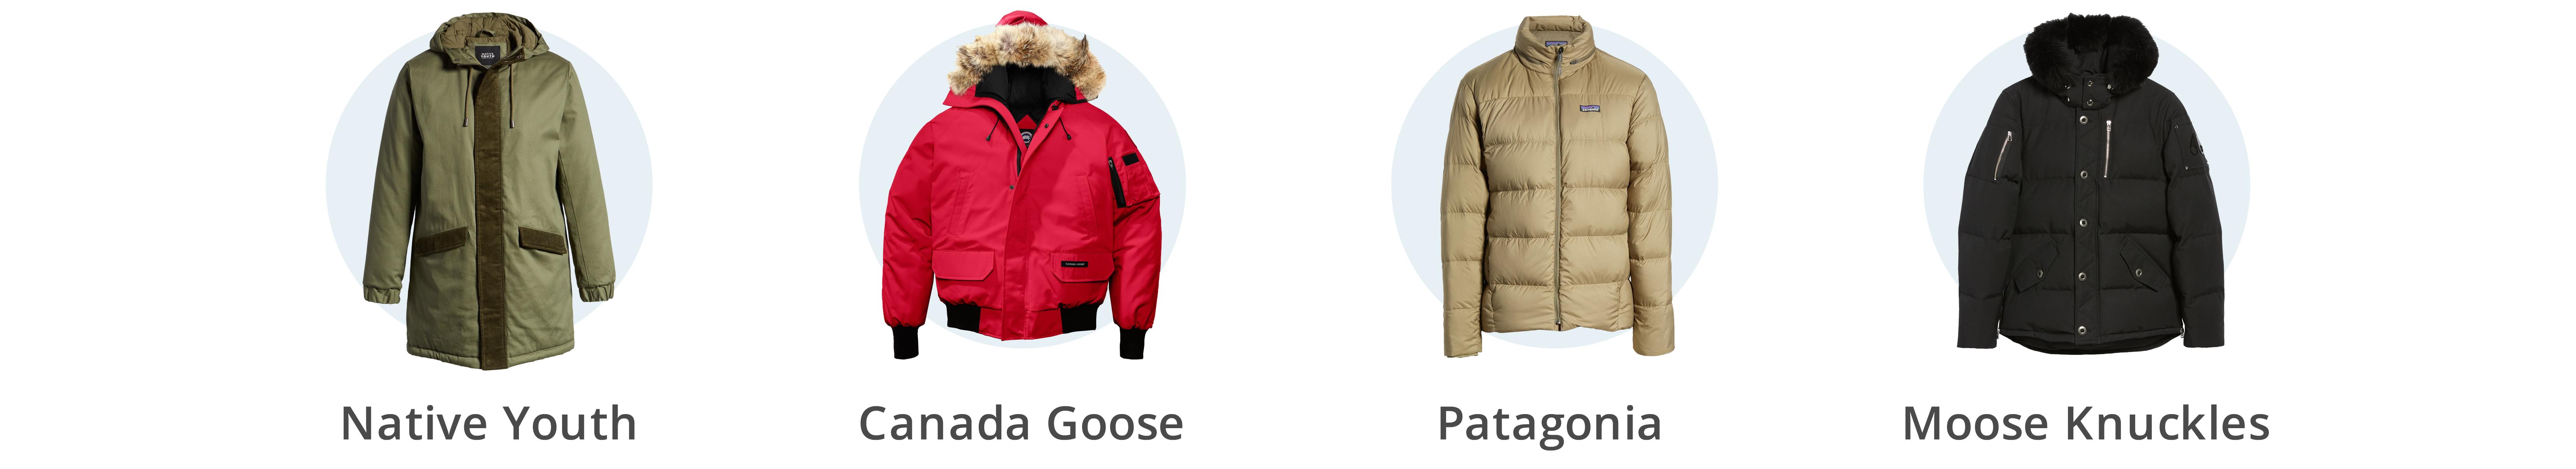 Men's heavy winter coats